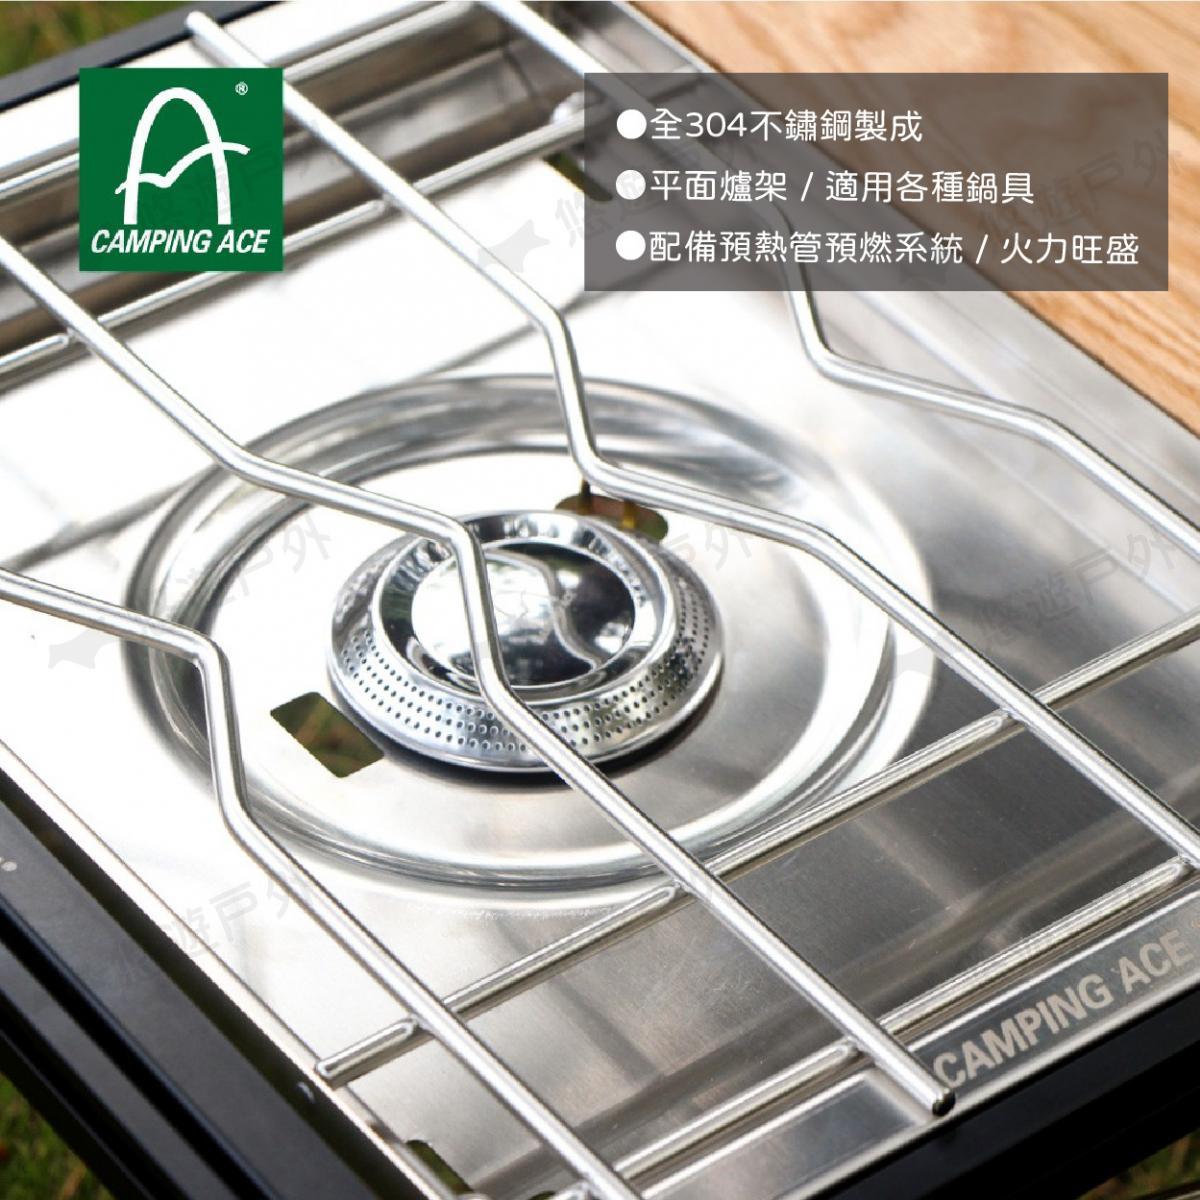 【野樂】單口爐 ARC-202 台灣製 單口爐 瓦斯爐 露營 野營 304不銹銹鋼 IGT 1